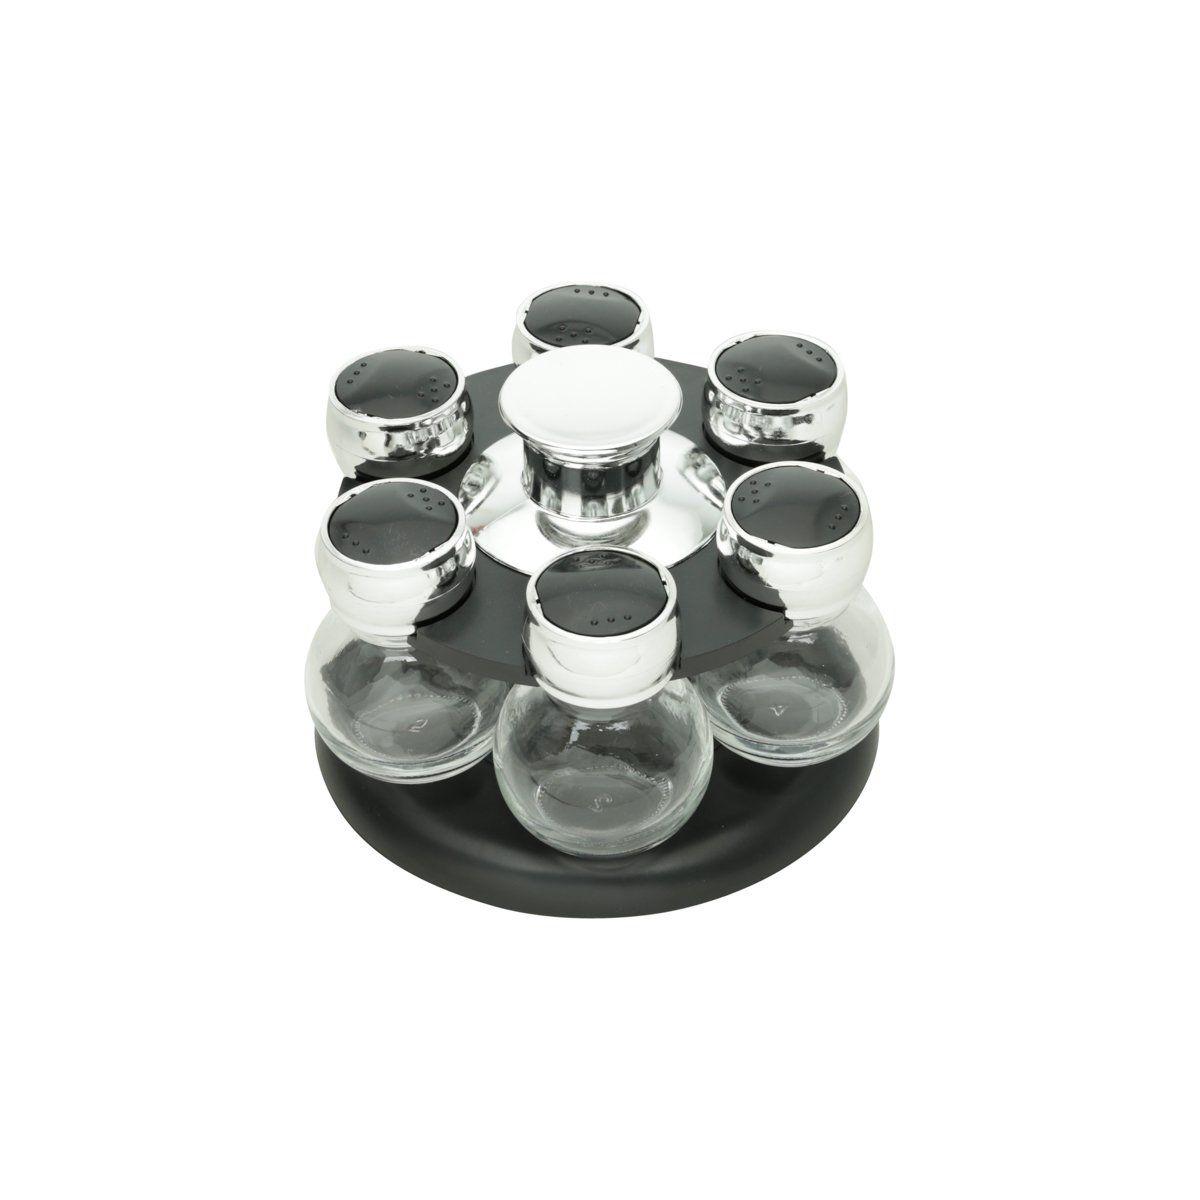 Conjunto 7 peças porta temperos de vidro com tampa de plástico e base giratória preta Poli Bon Gourmet - 26887